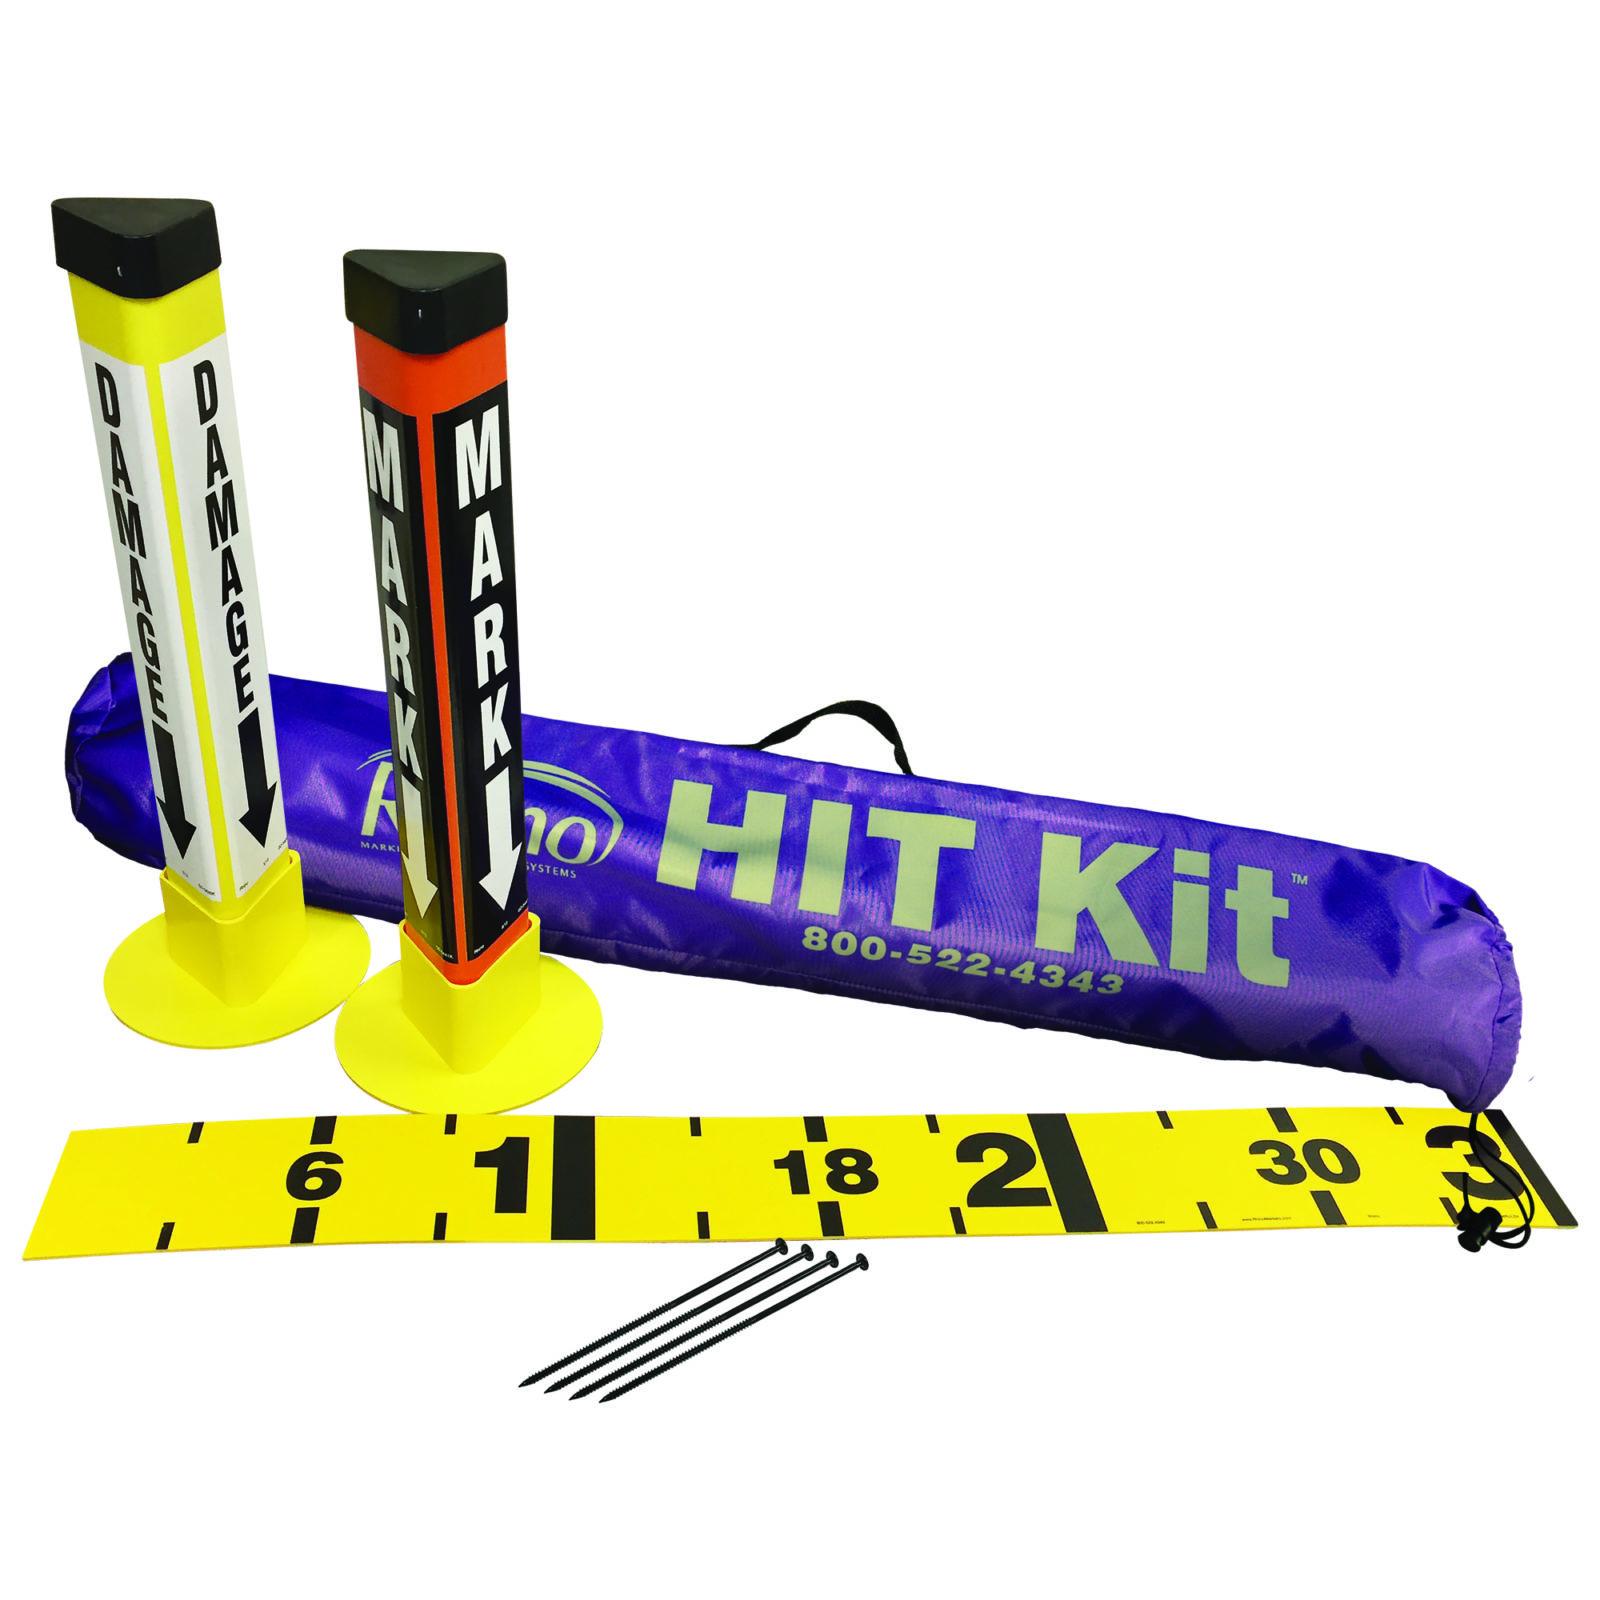 Rhino HIT Kit™